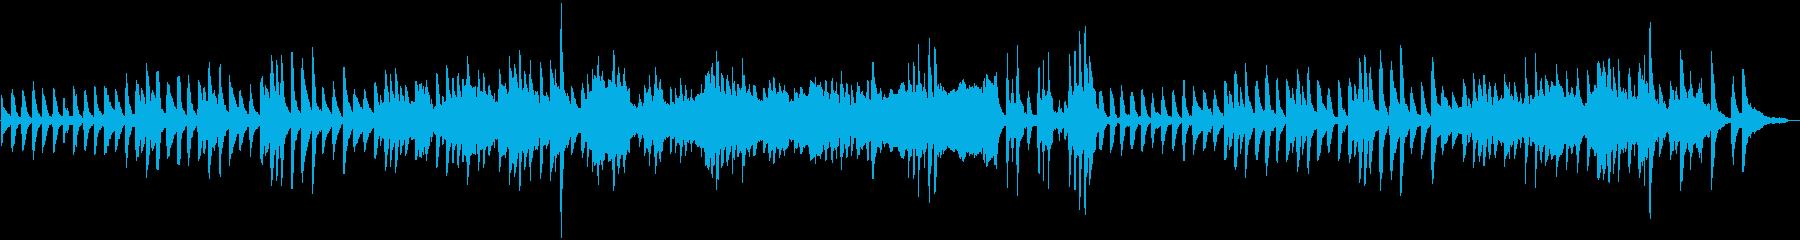 夢中になっている子供を遠くから眺める曲の再生済みの波形